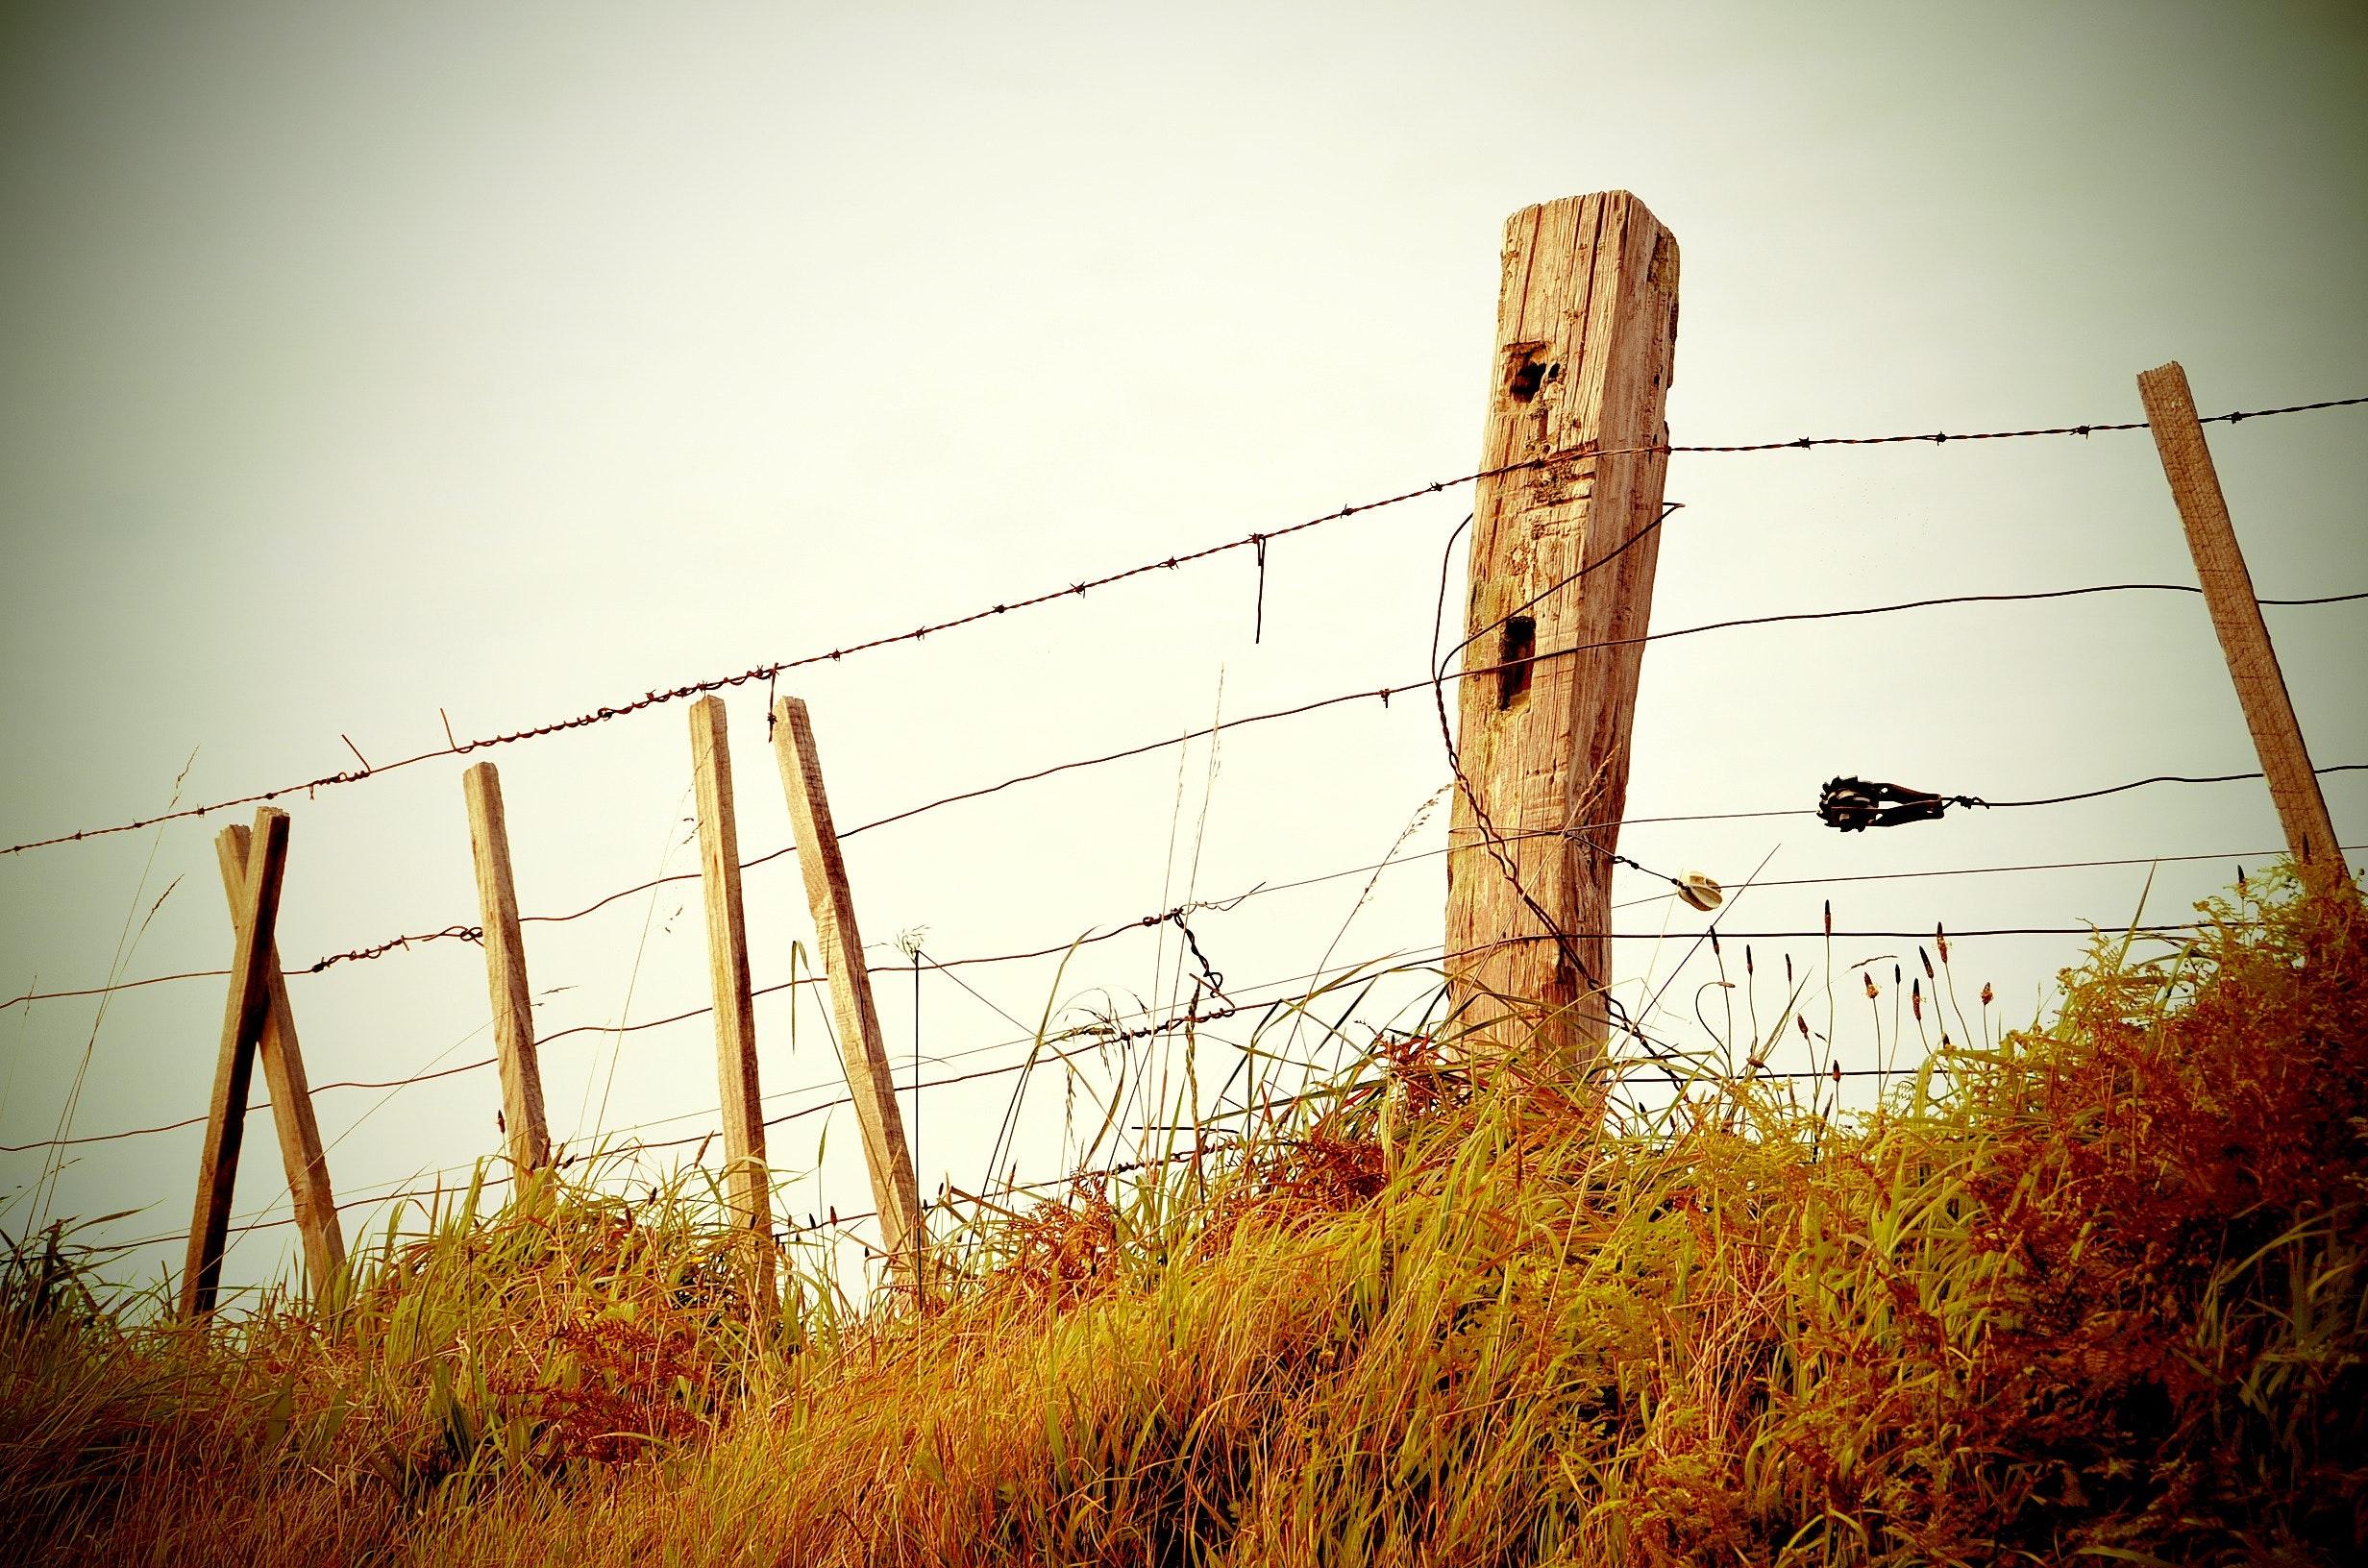 Αποτέλεσμα εικόνας για χωράφι με σύρματα